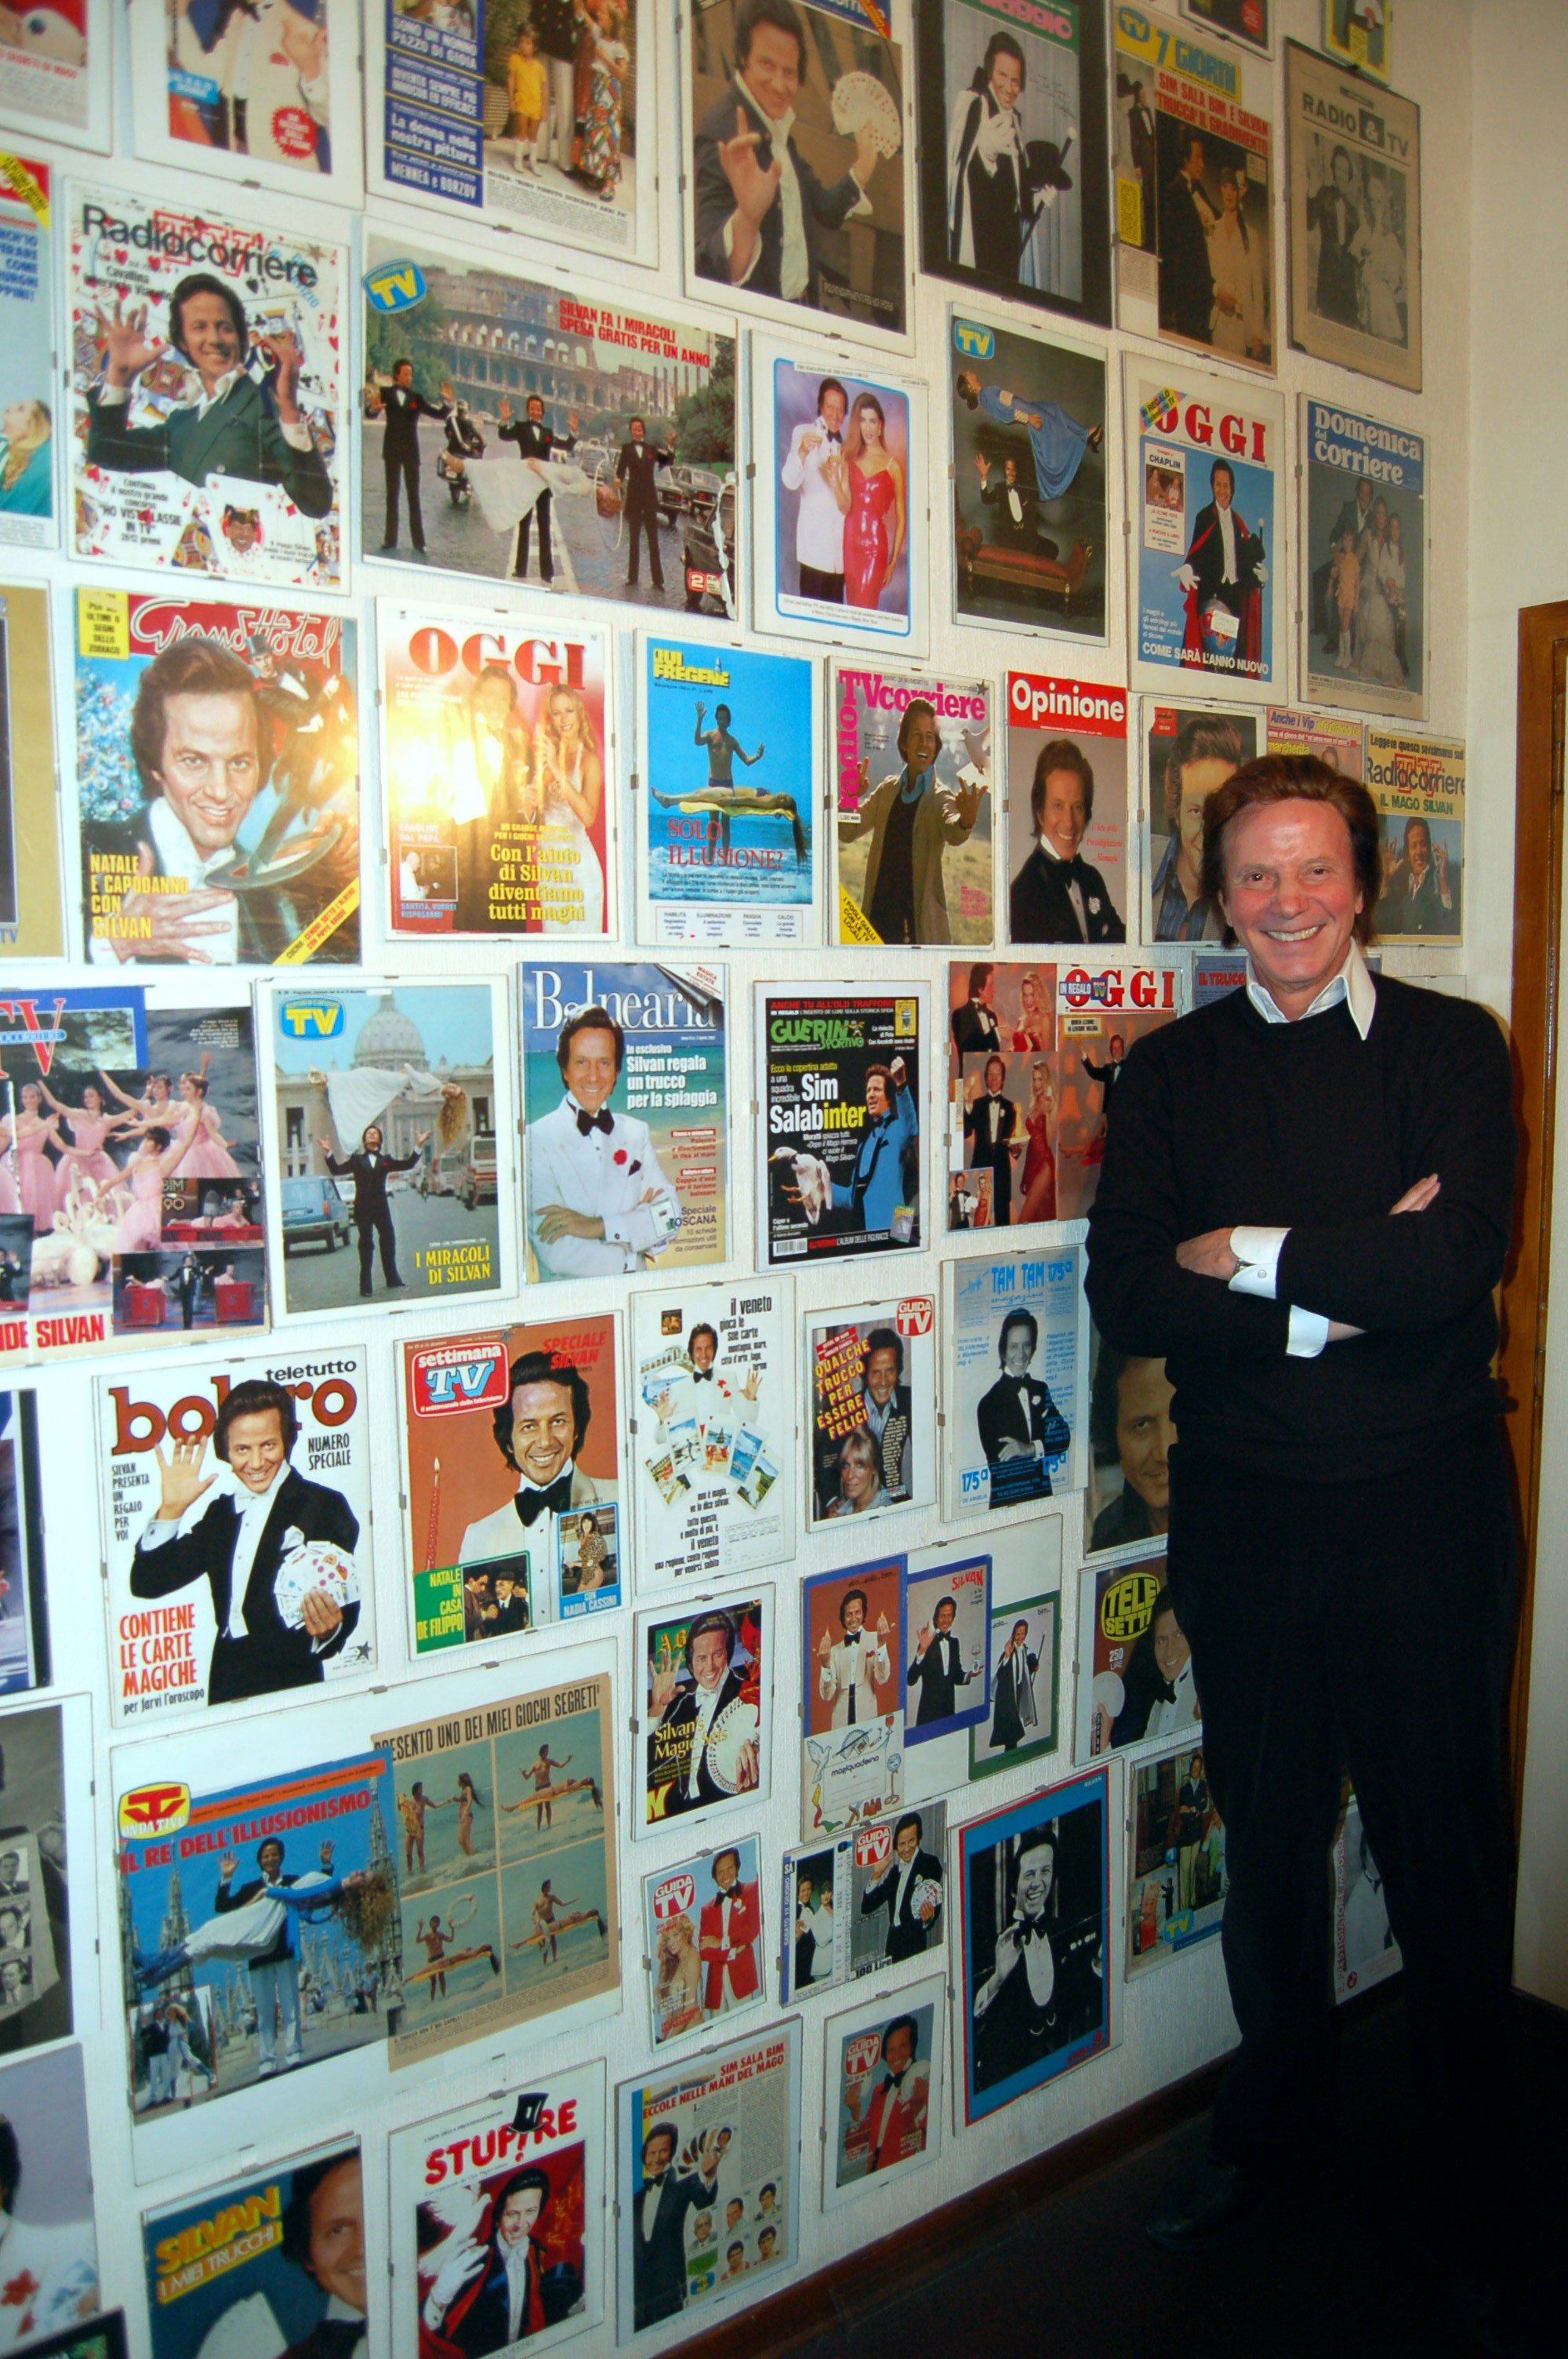 Silvan nell'angolo delle copertine a Lui dedicate  dai giornali più prestigiosi